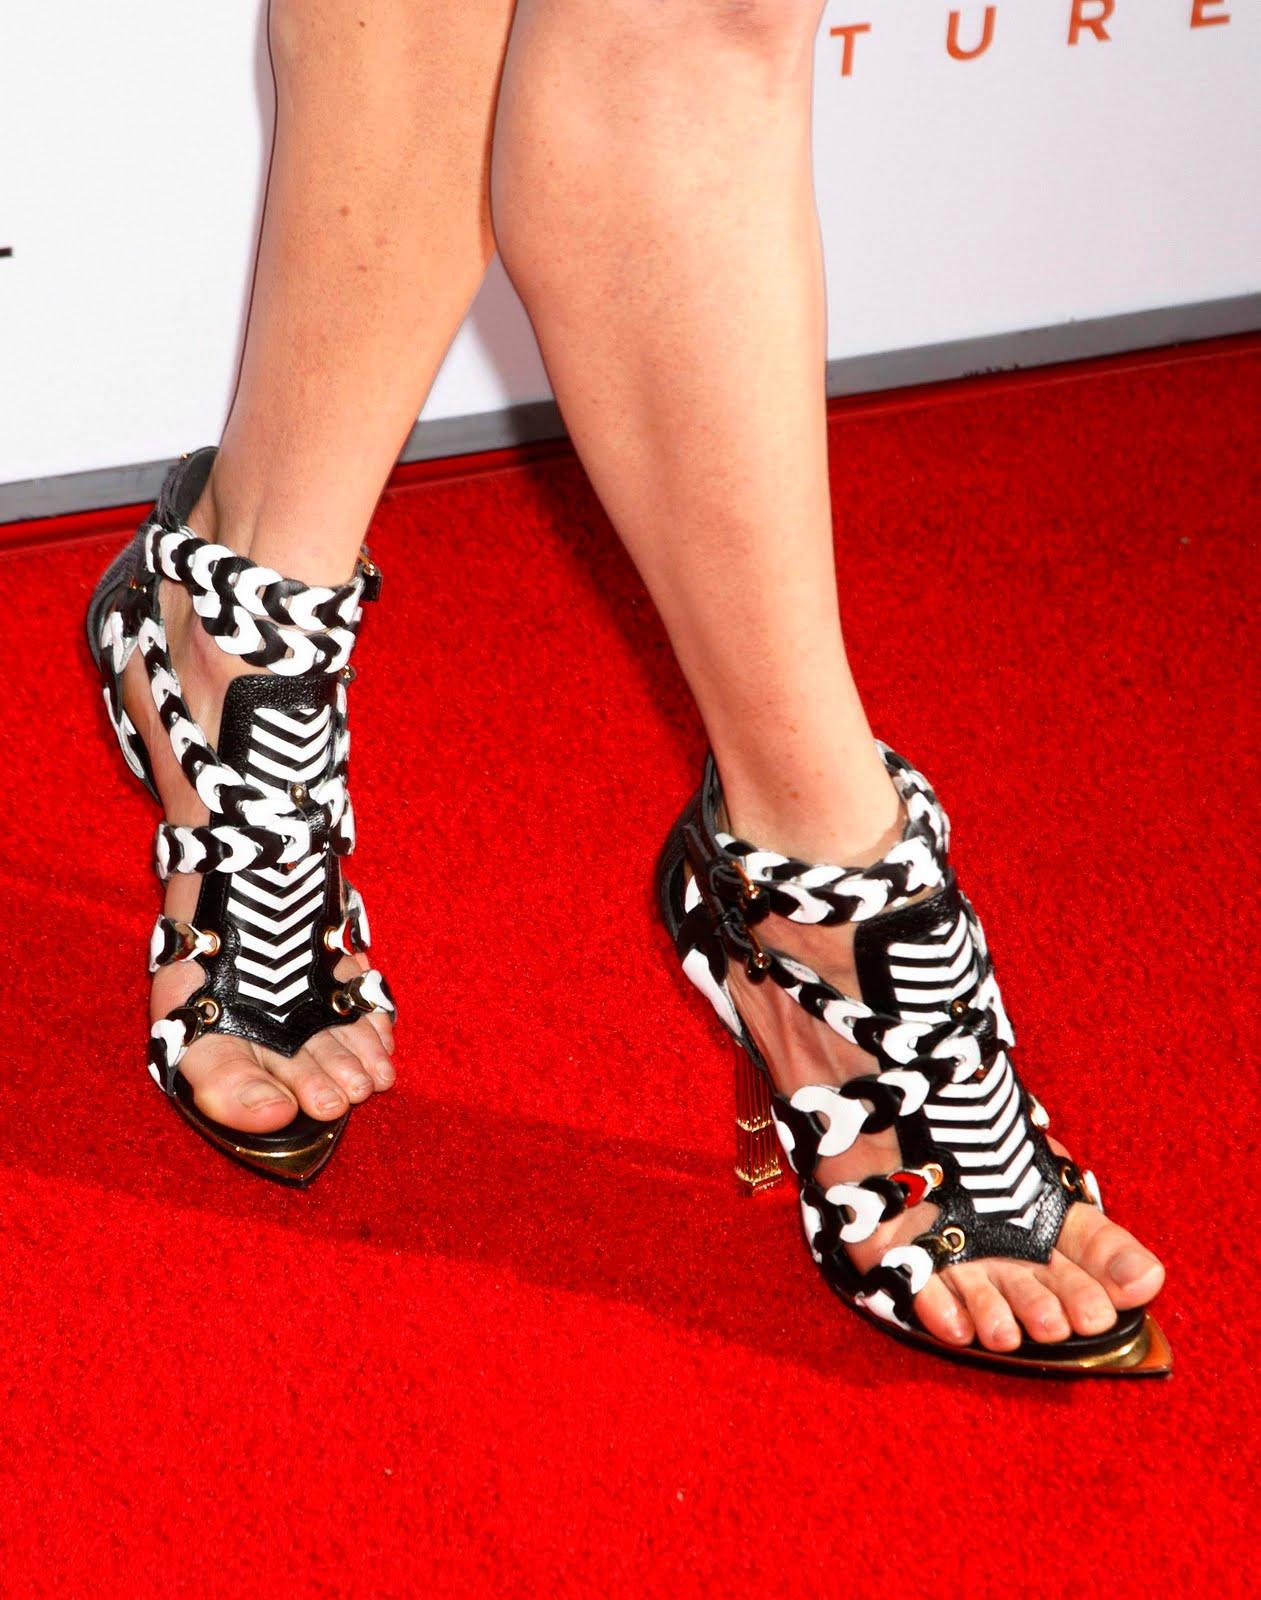 http://3.bp.blogspot.com/_UaLWp72nij4/S9iWfvI6D0I/AAAAAAAAI7w/wo67gSe3z7w/s1600/jennifer-connelly-feet-3.jpg